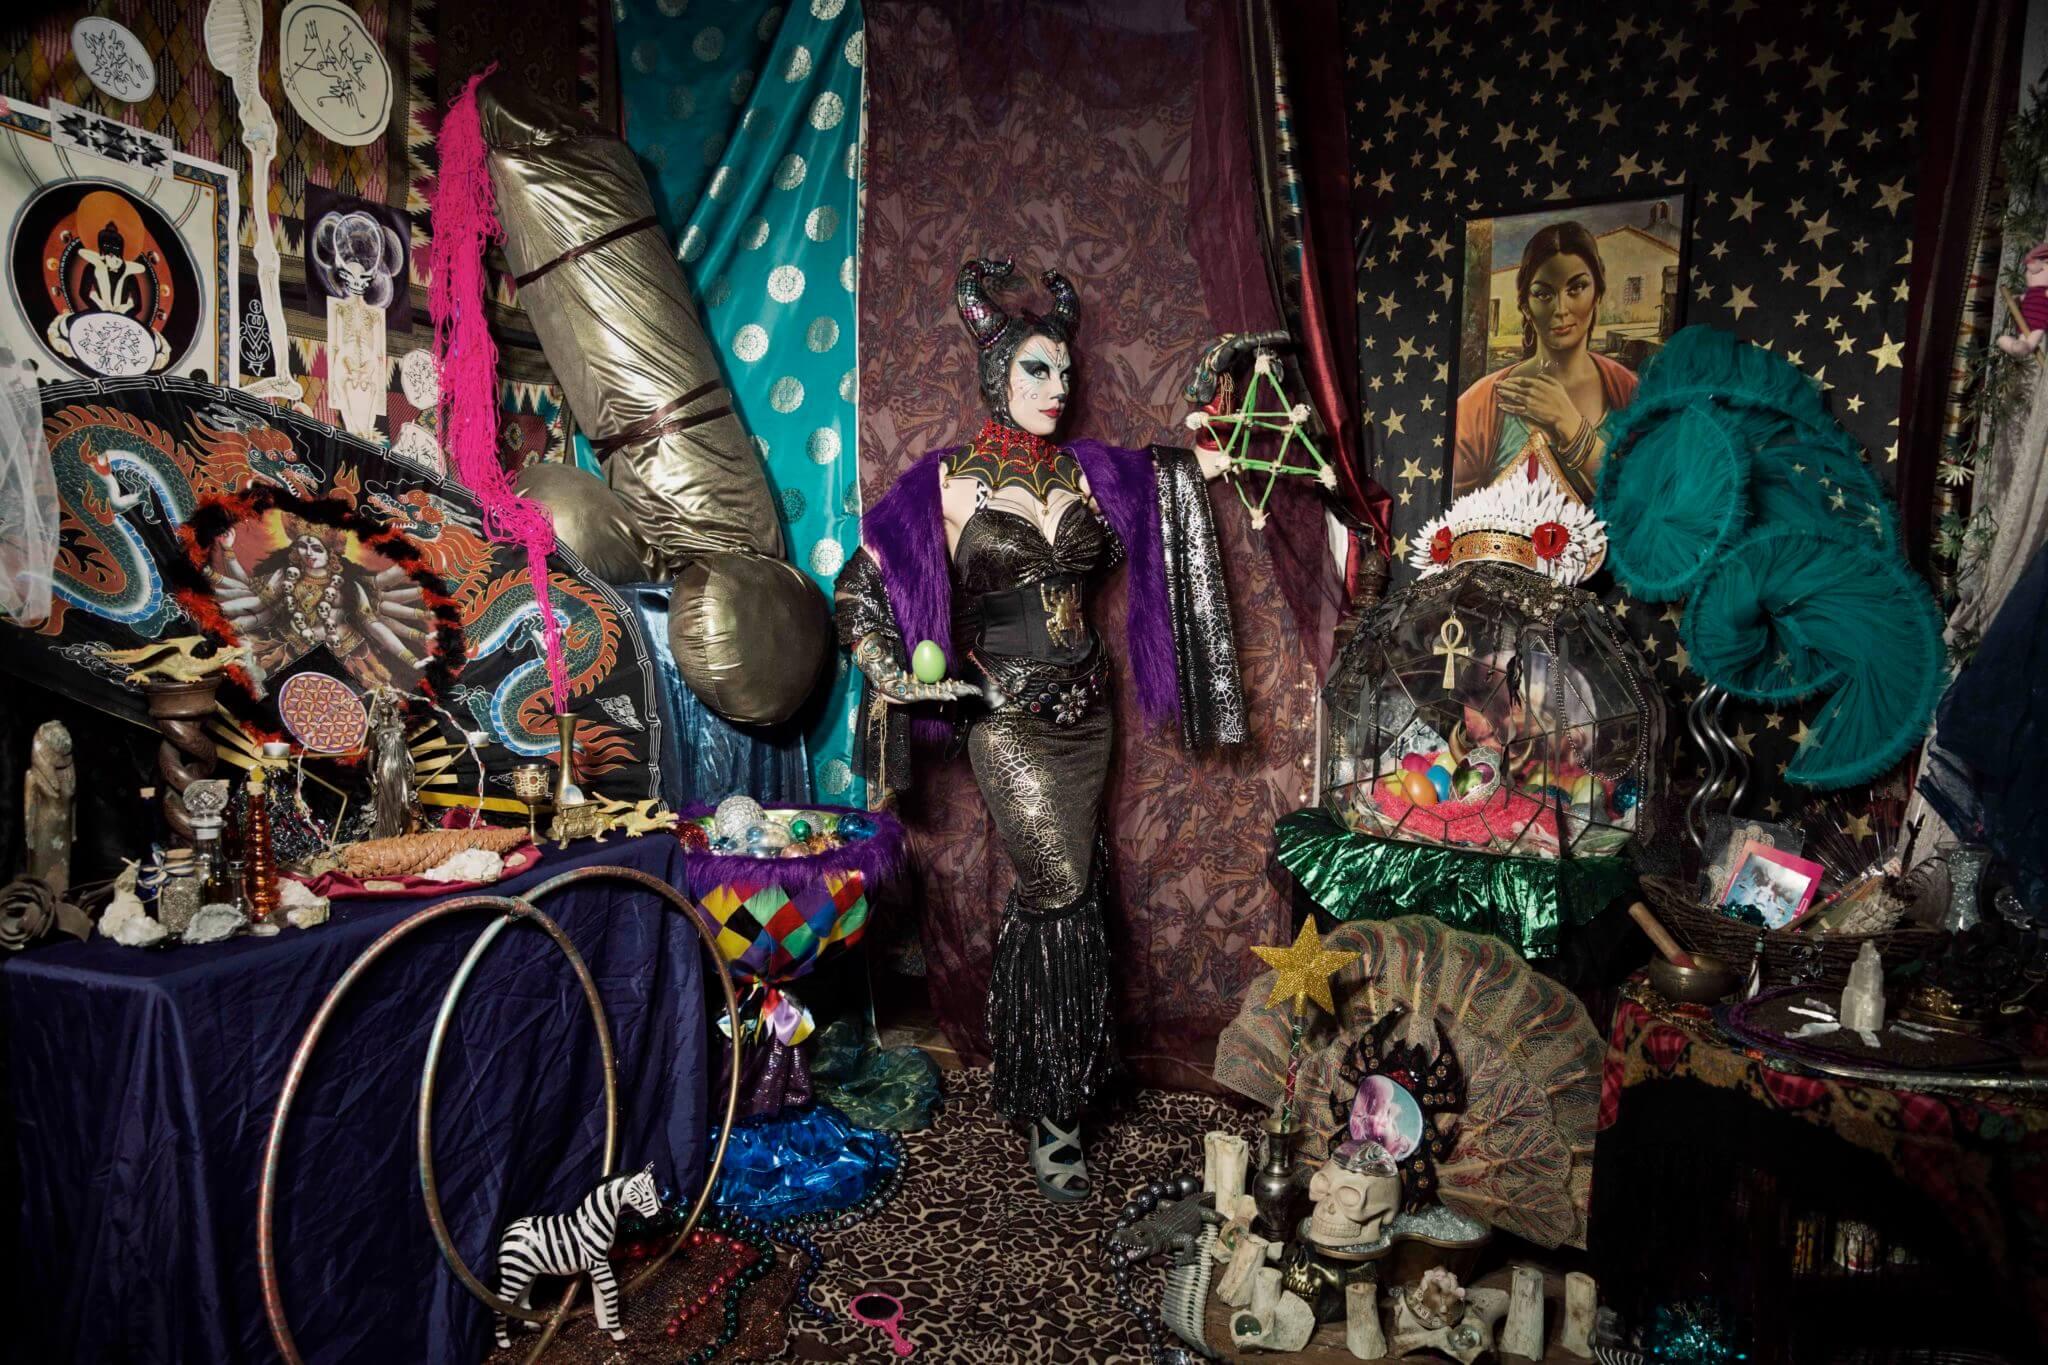 Ale Sandra: Retratos íntimos de los hogares más excéntricos de Berlín